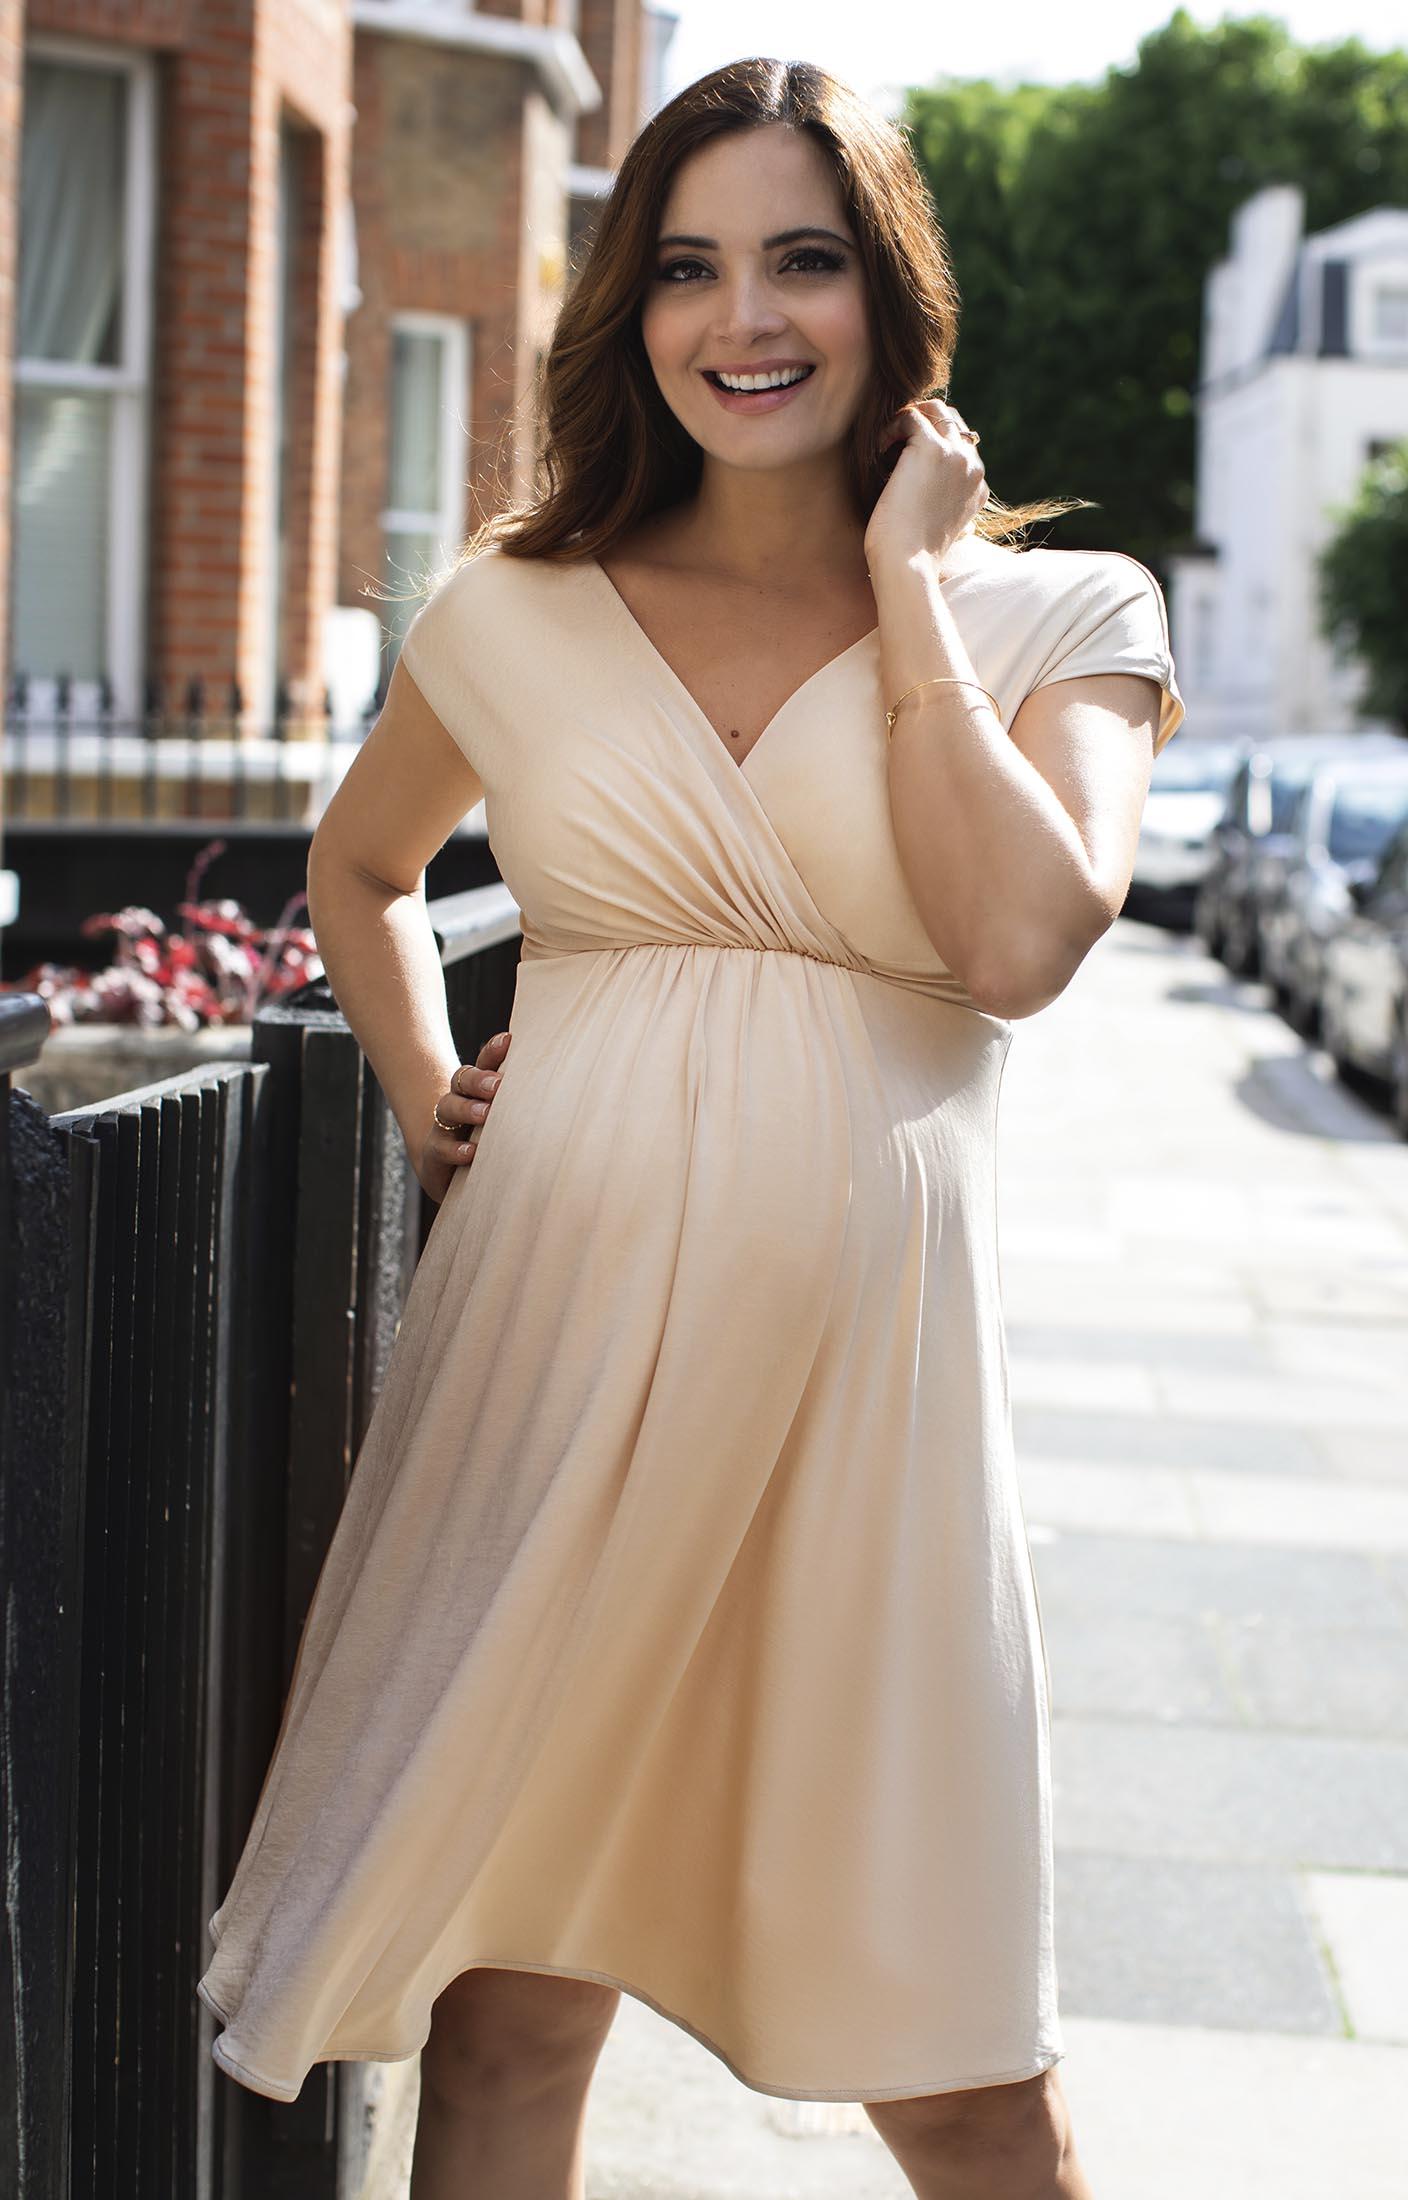 Francesca Umstandskleid Champagner Umstandshochzeitskleider Abendgarderobe Und Partykleidung By Tiffany Rose De